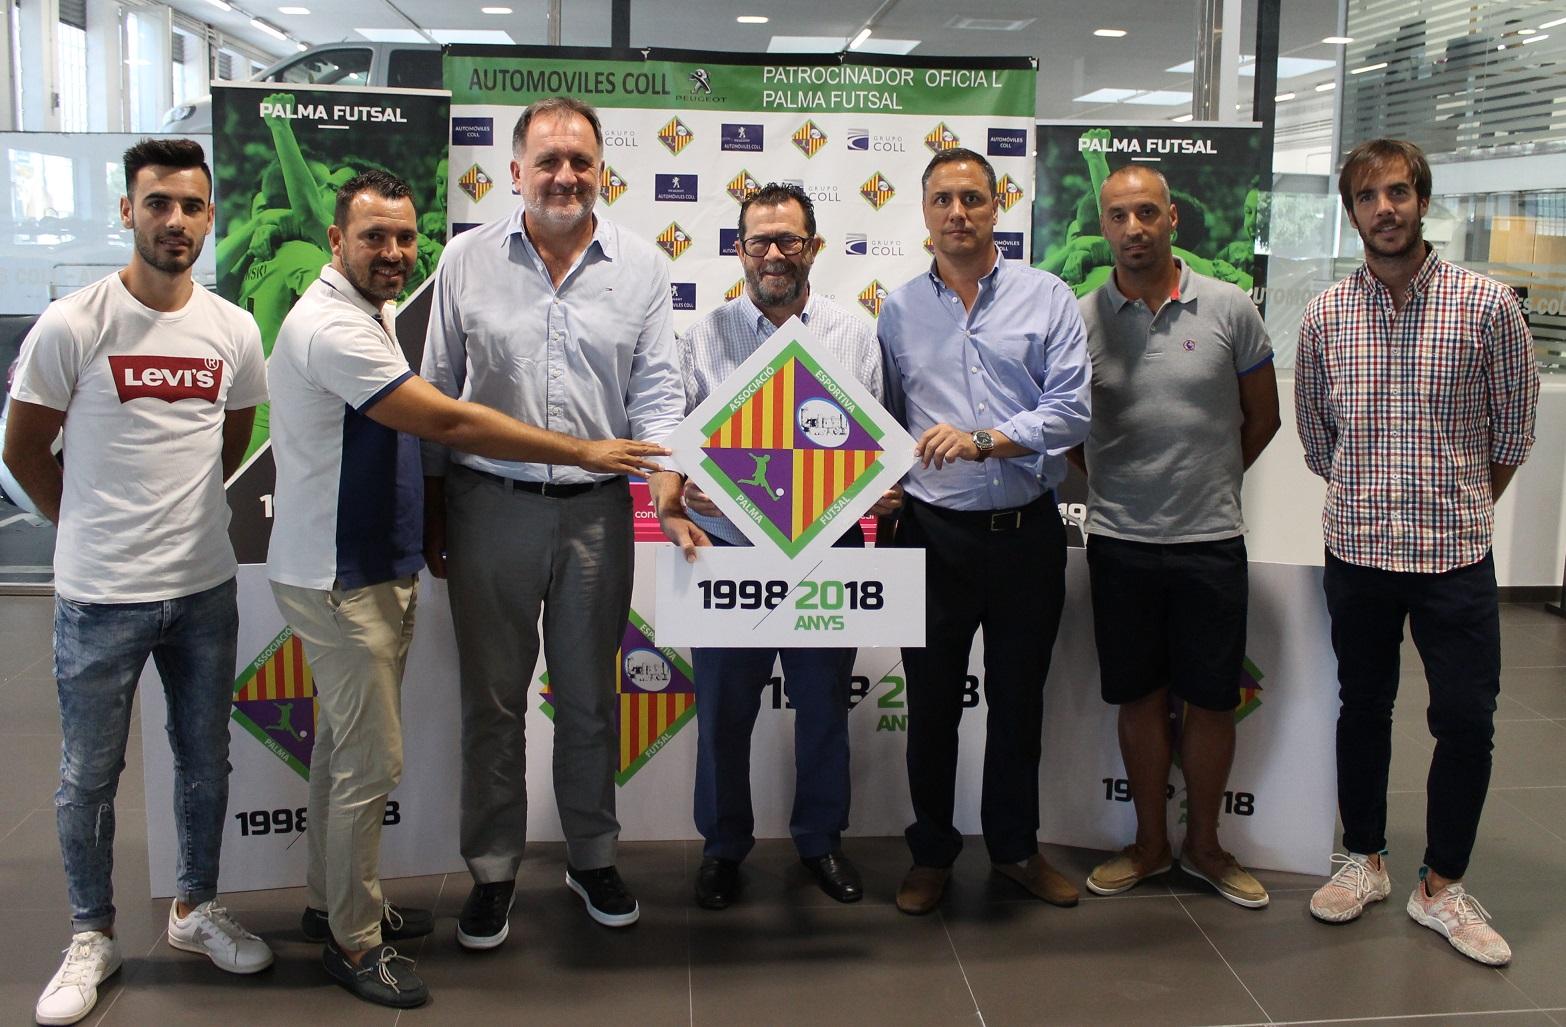 web El Palma Futsal presentó los actos del 20 aniversario en las instalaciones de Automóviles Coll (1)